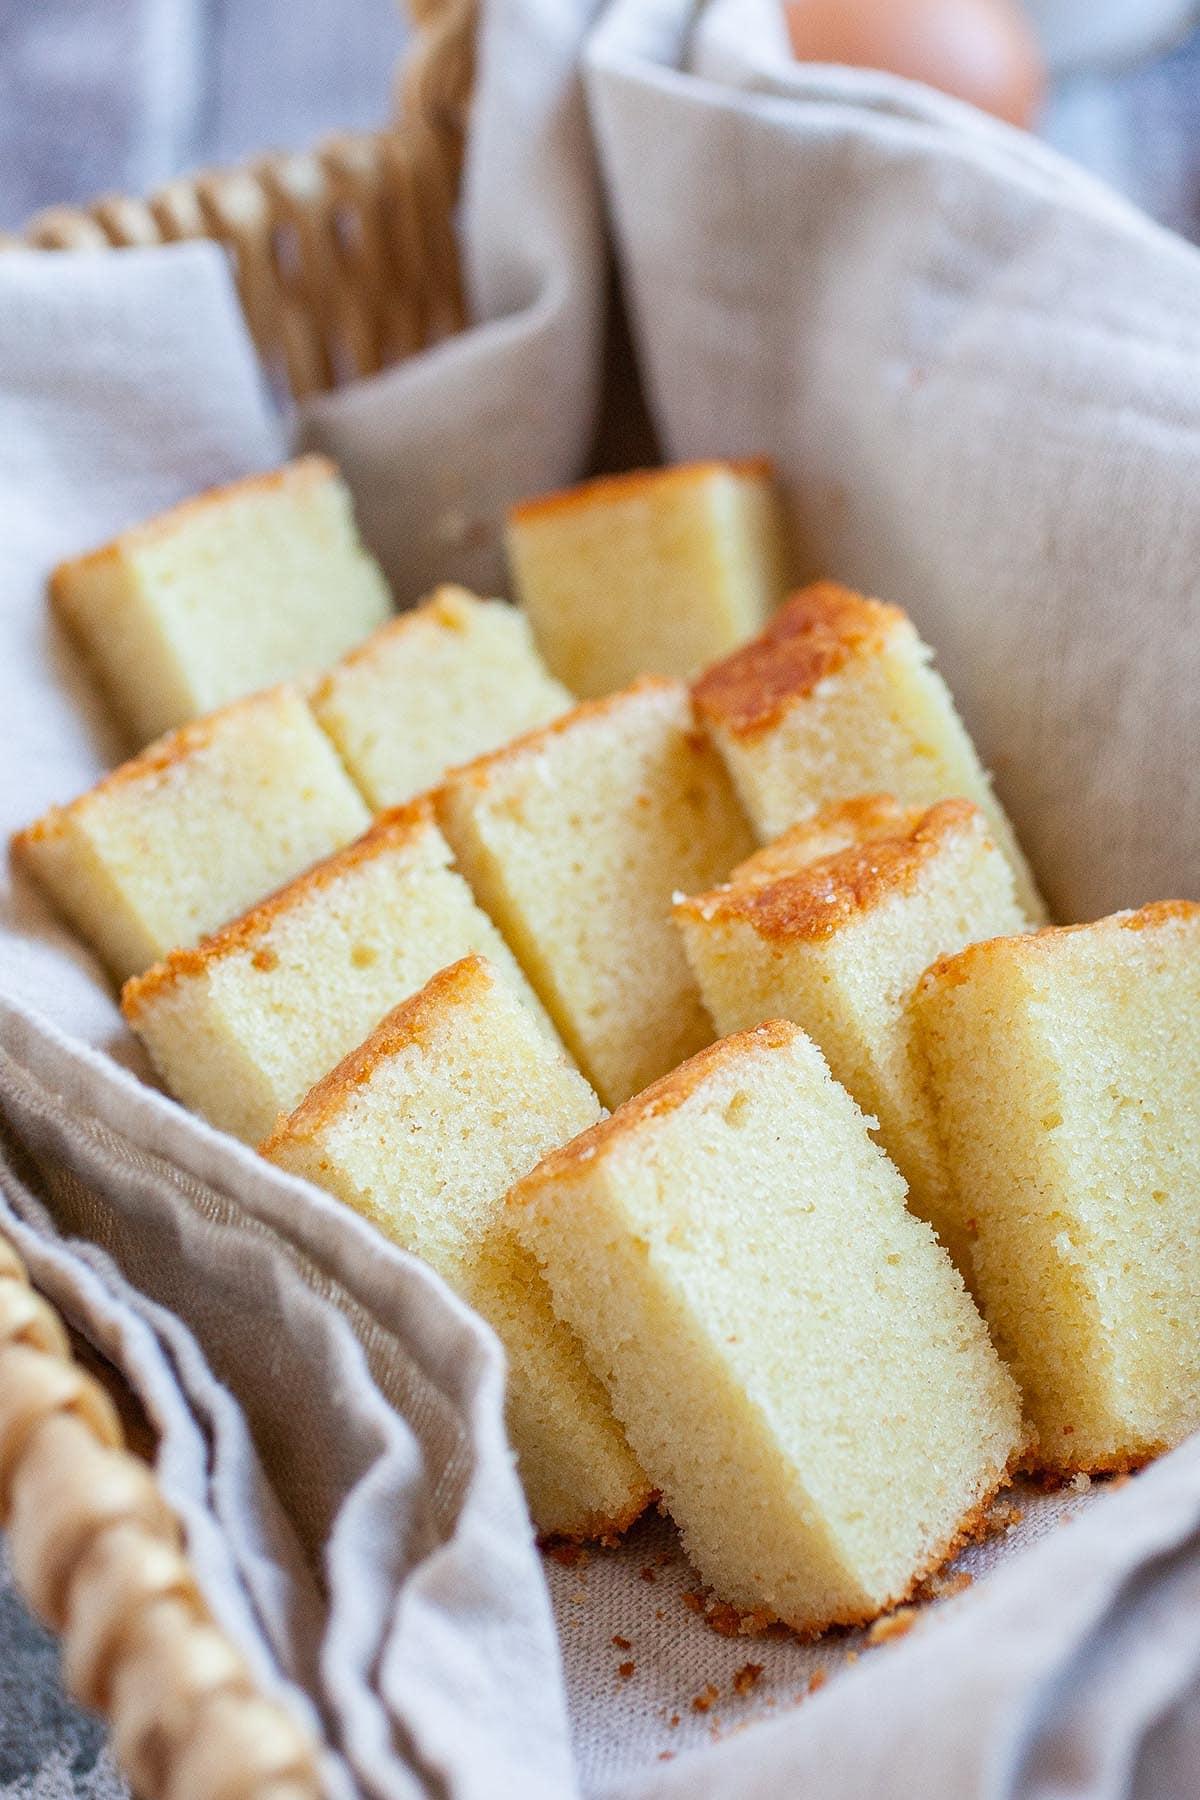 La meilleure recette de gâteau au beurre à partir de zéro, à base de beurre, d'œufs, de farine, de lait et de sucre.